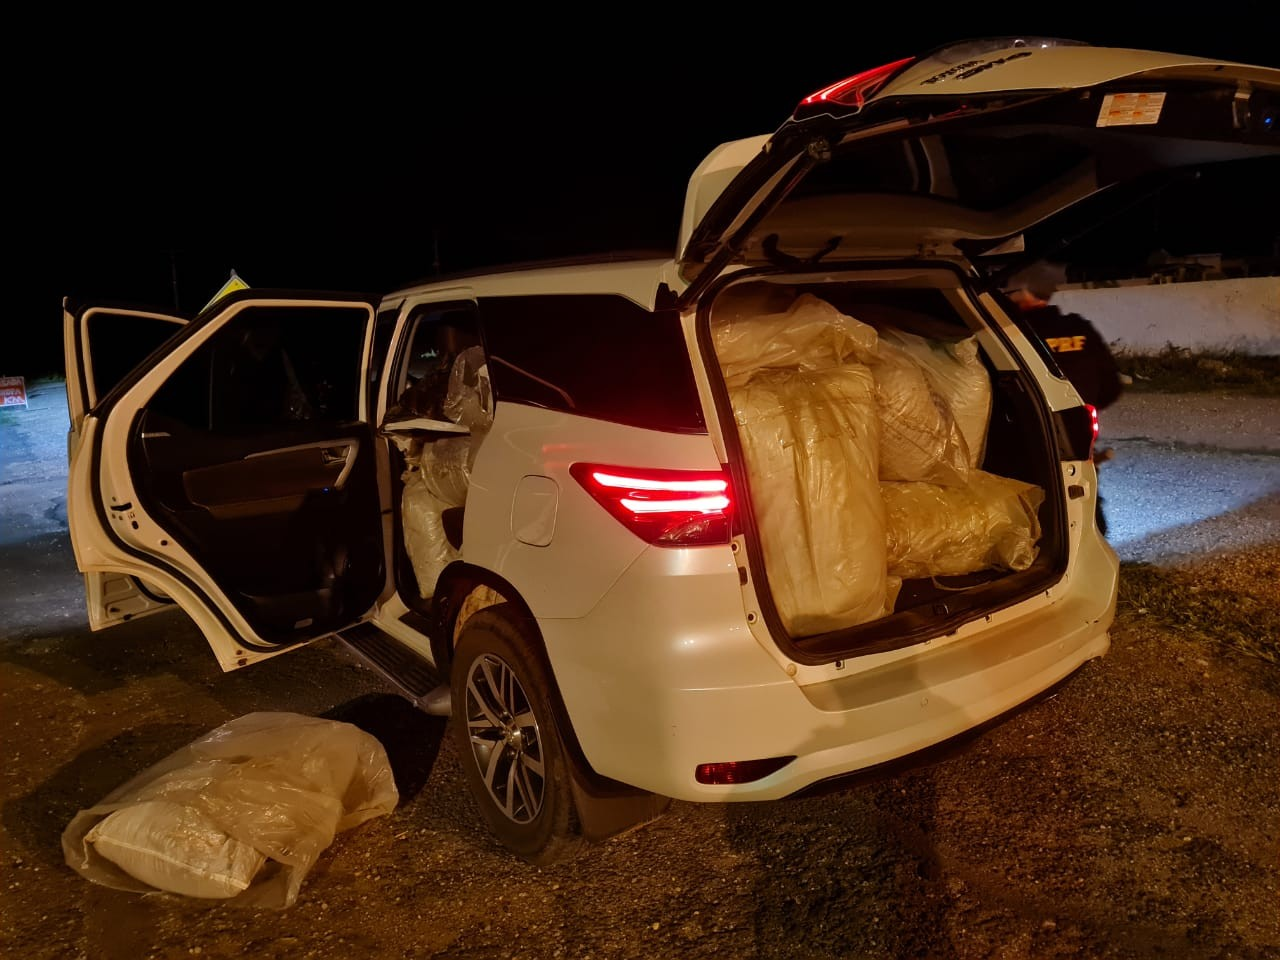 Homem é preso com 300 kg de maconha em caminhonete no Piauí